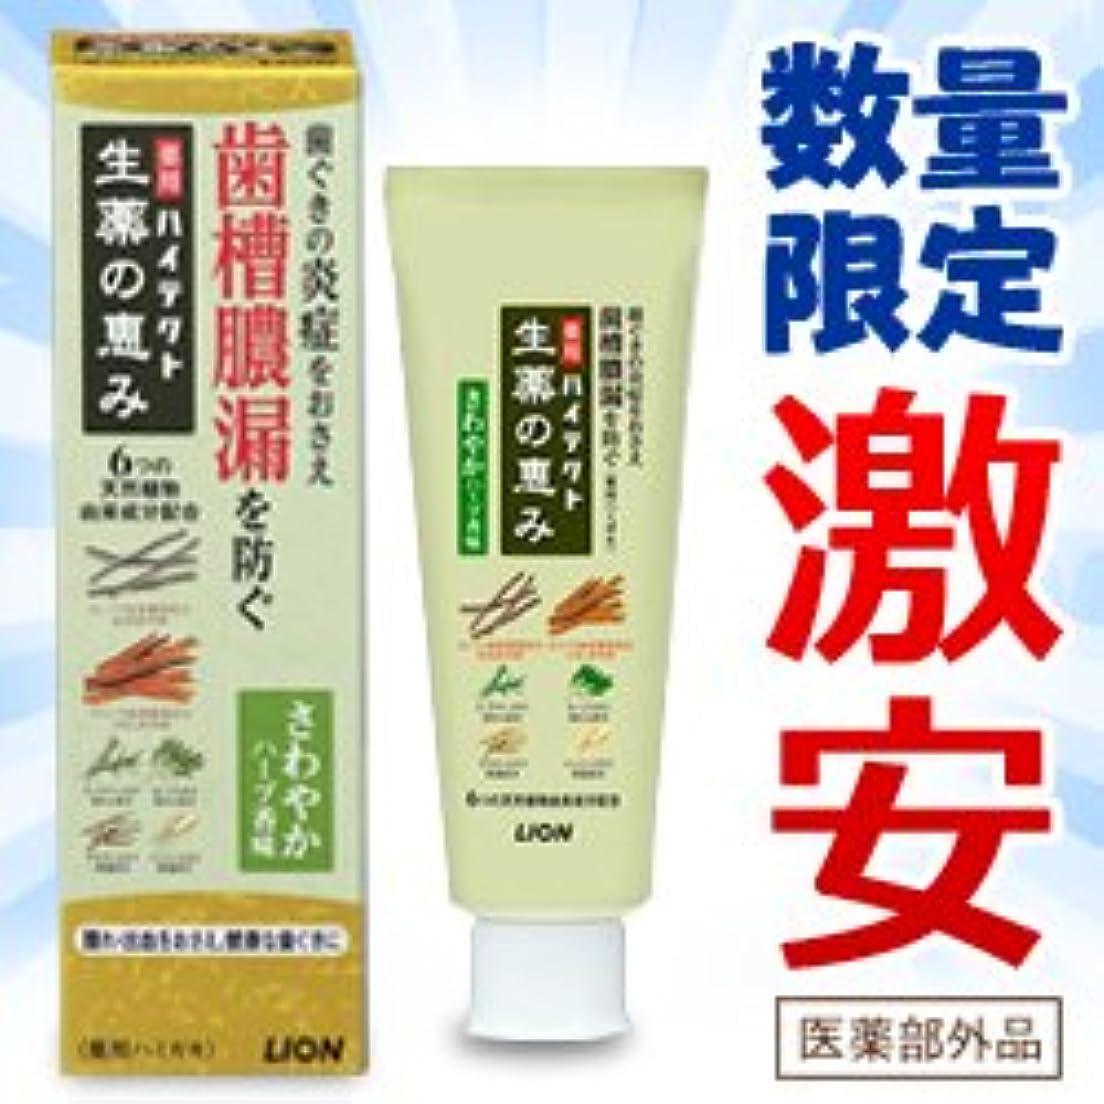 赤外線病的ゆるく【ライオン】ハイテクト 生薬の恵み さわやかハーブ香味90g×5個セット